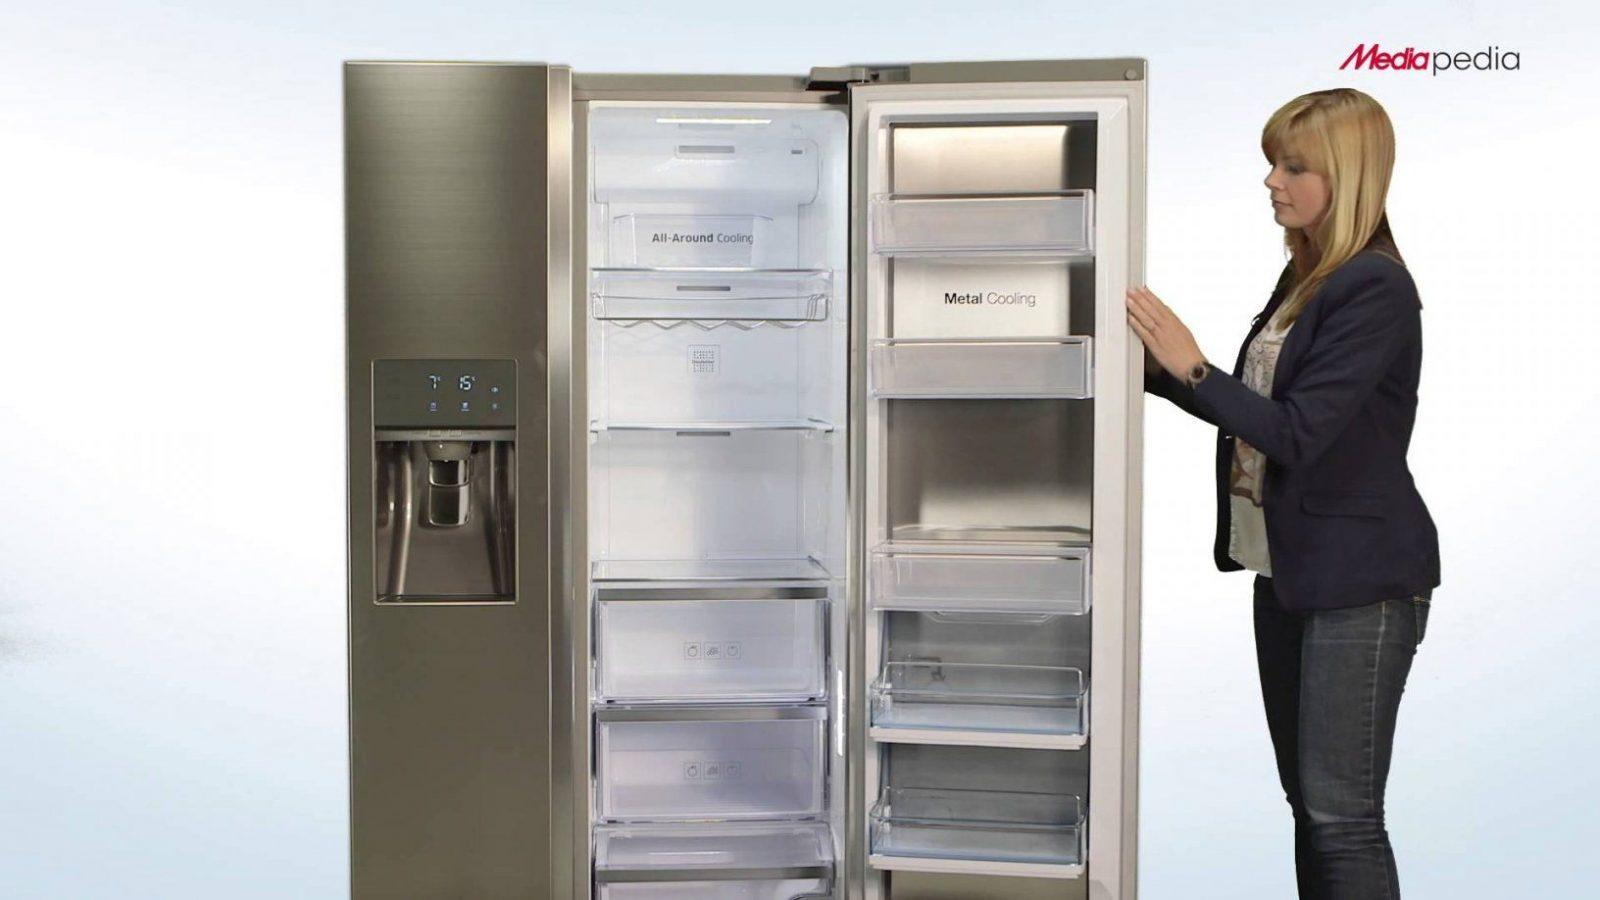 Retro Kühlschrank Ch : Retro kuhlschrank media markt sourcecrave von kühlschrank ohne